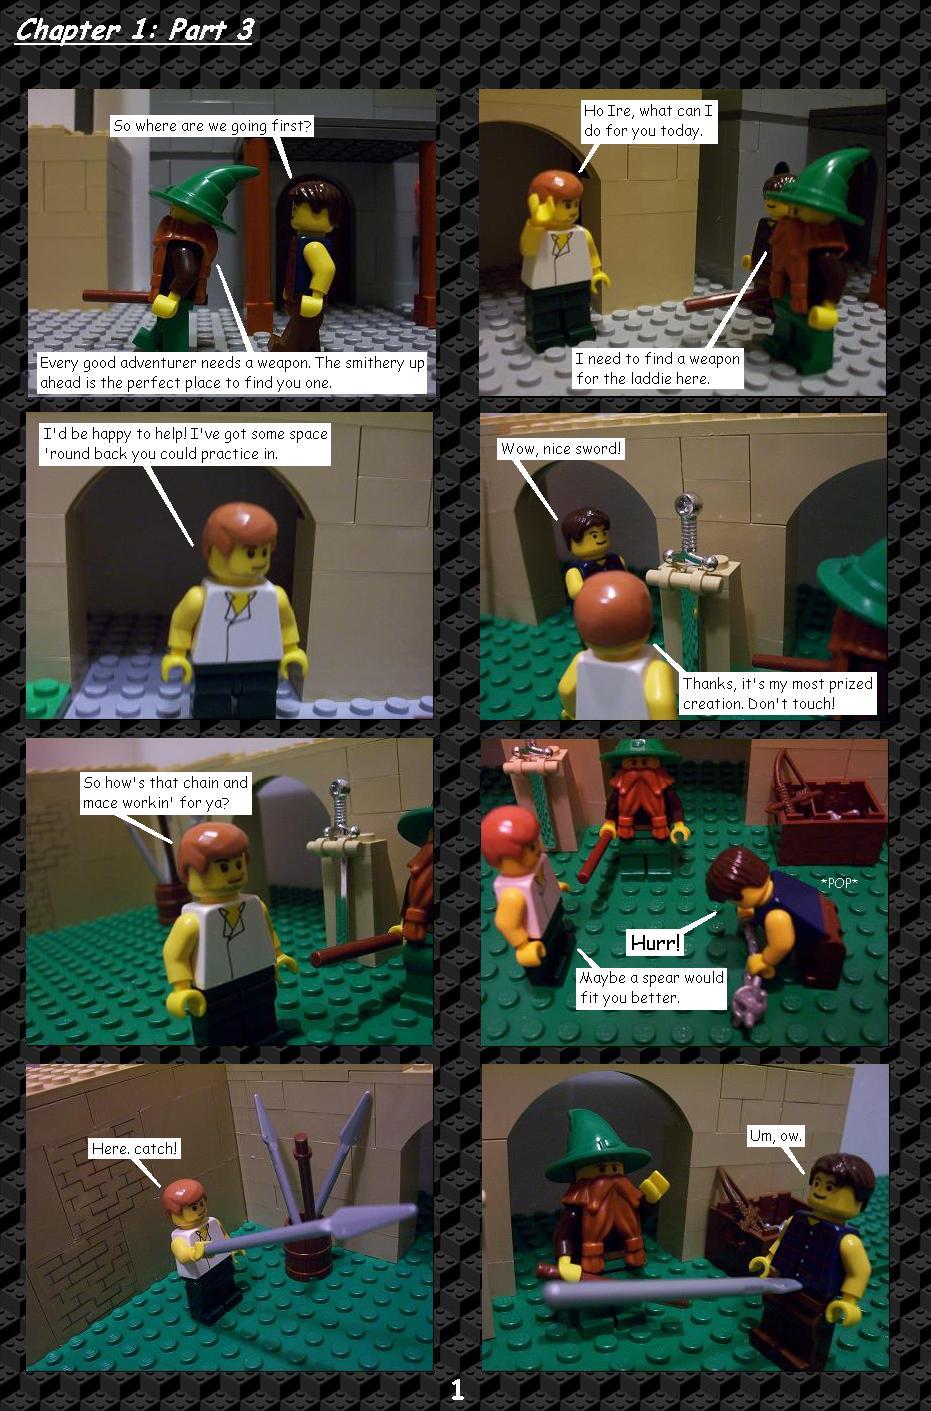 Part 3, p.1